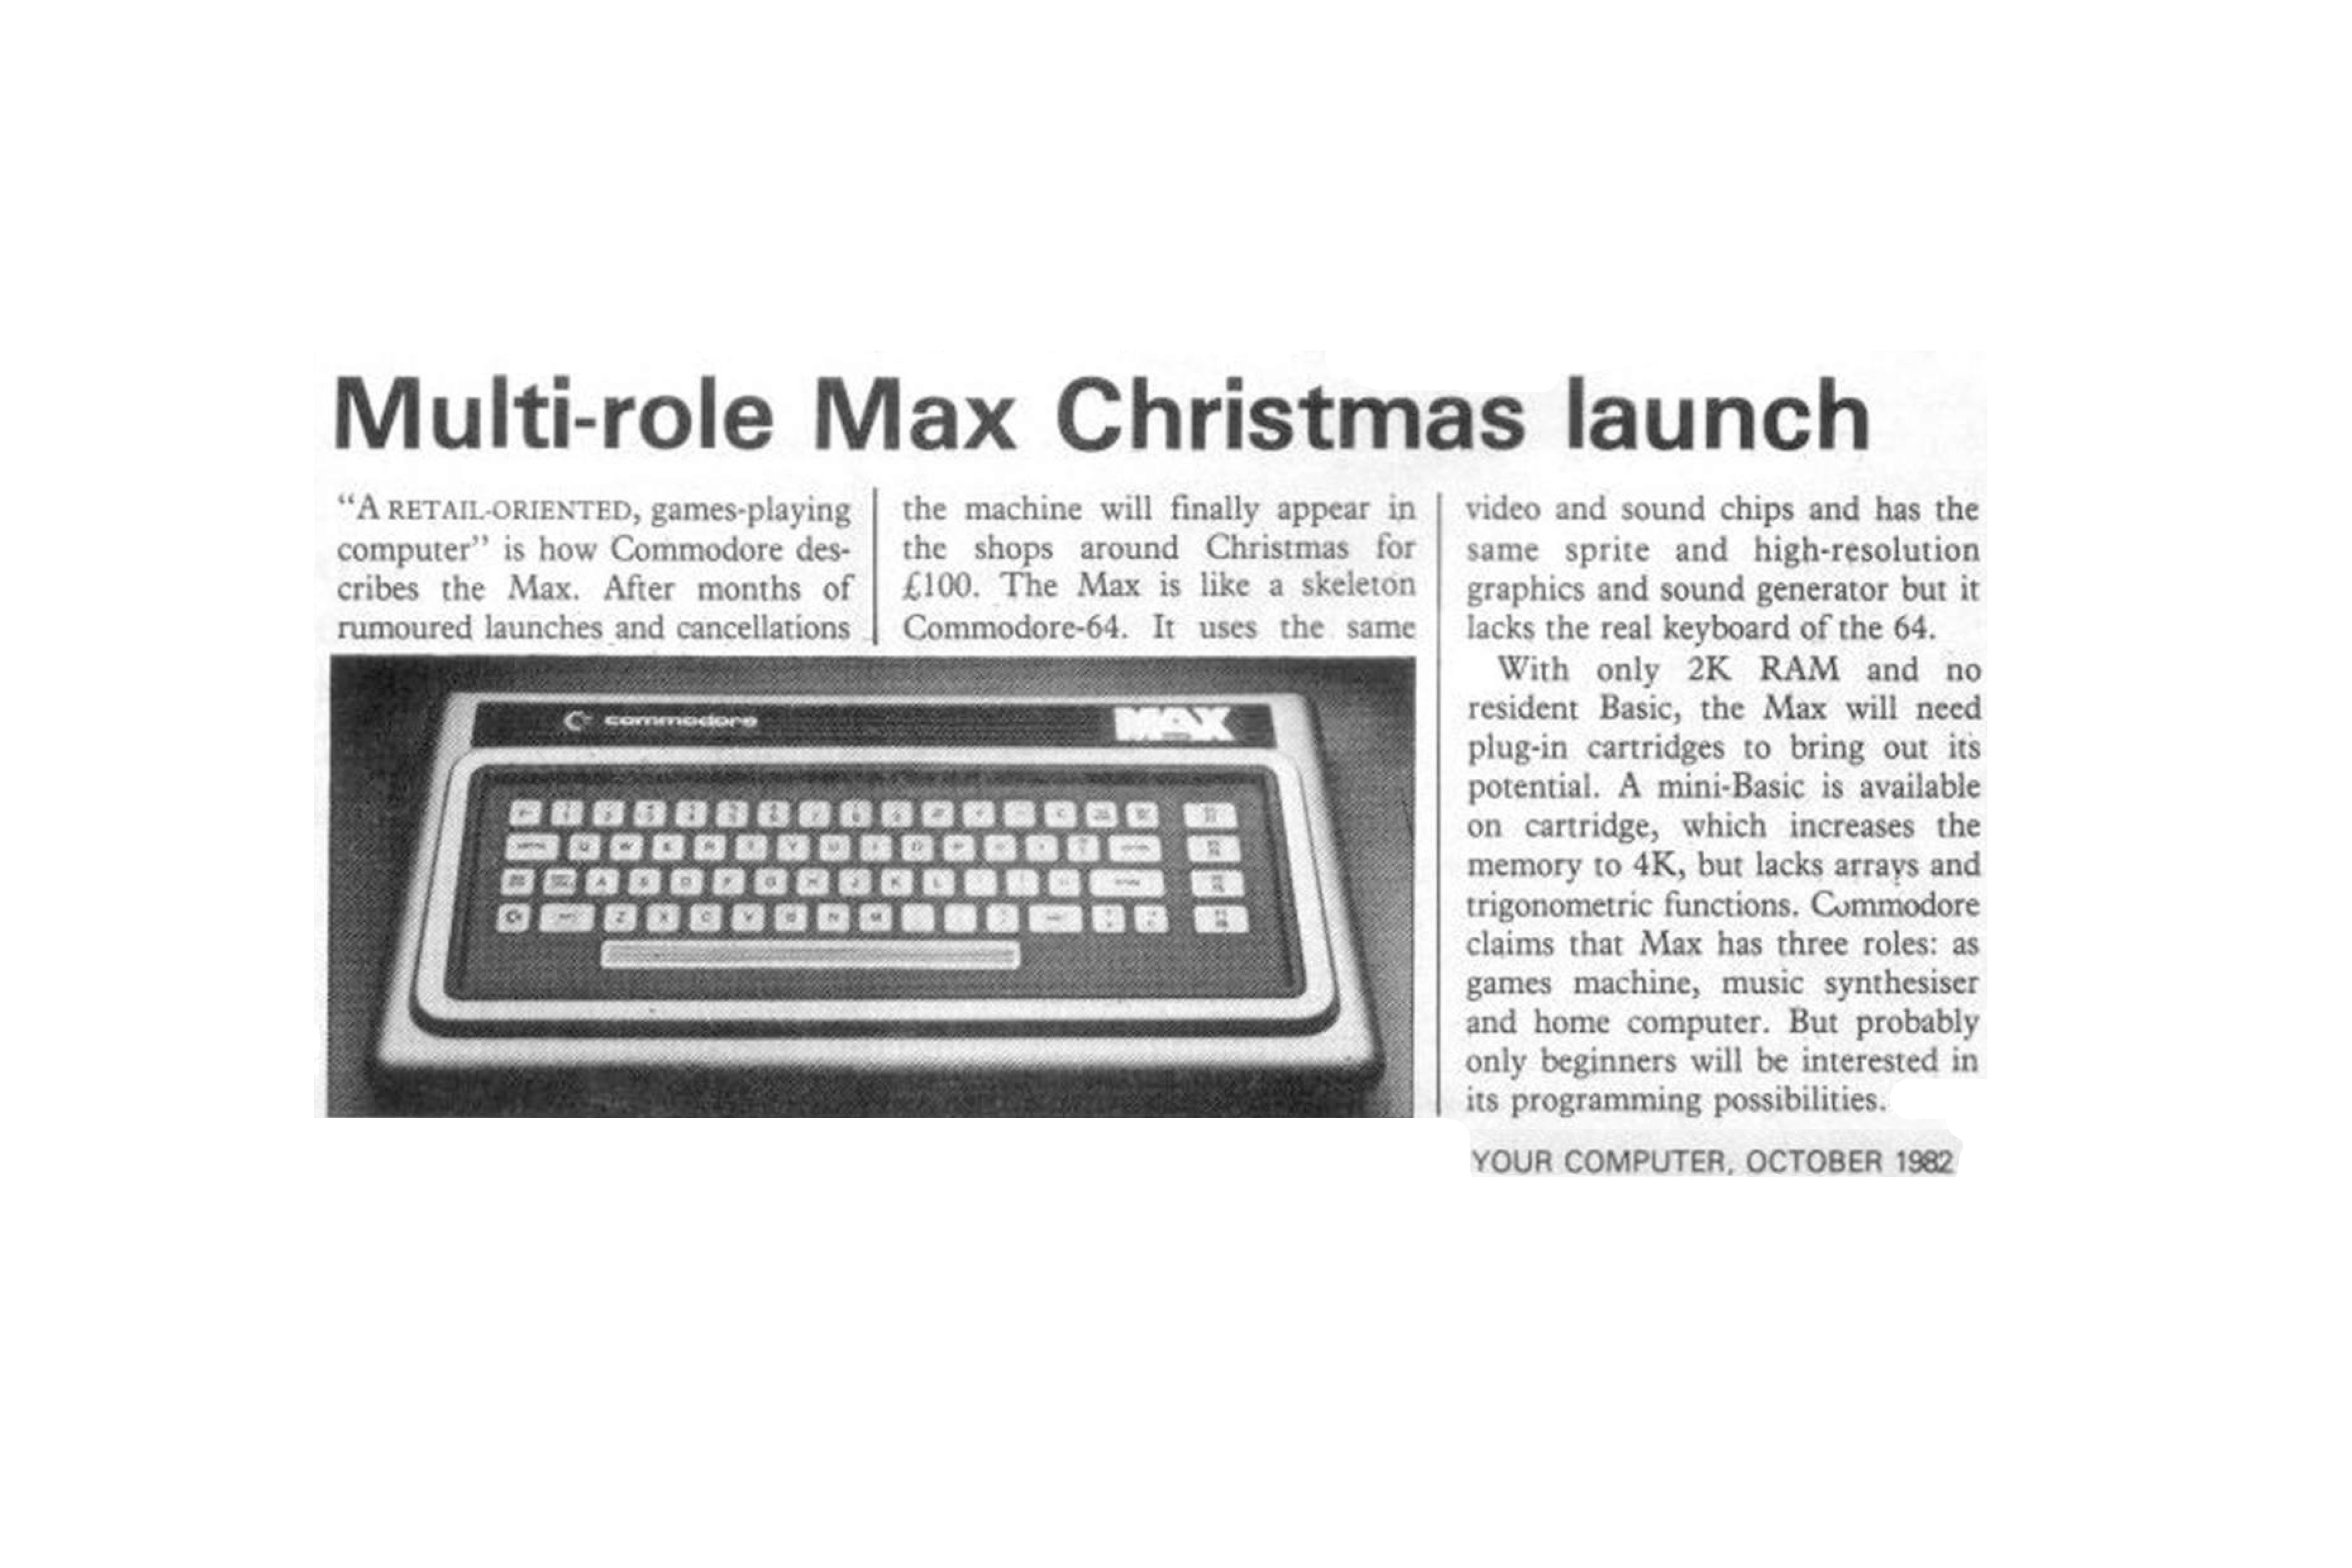 Atari 800 vs  Commodore 64 - The Brief Tale of Two 8-Bit Home